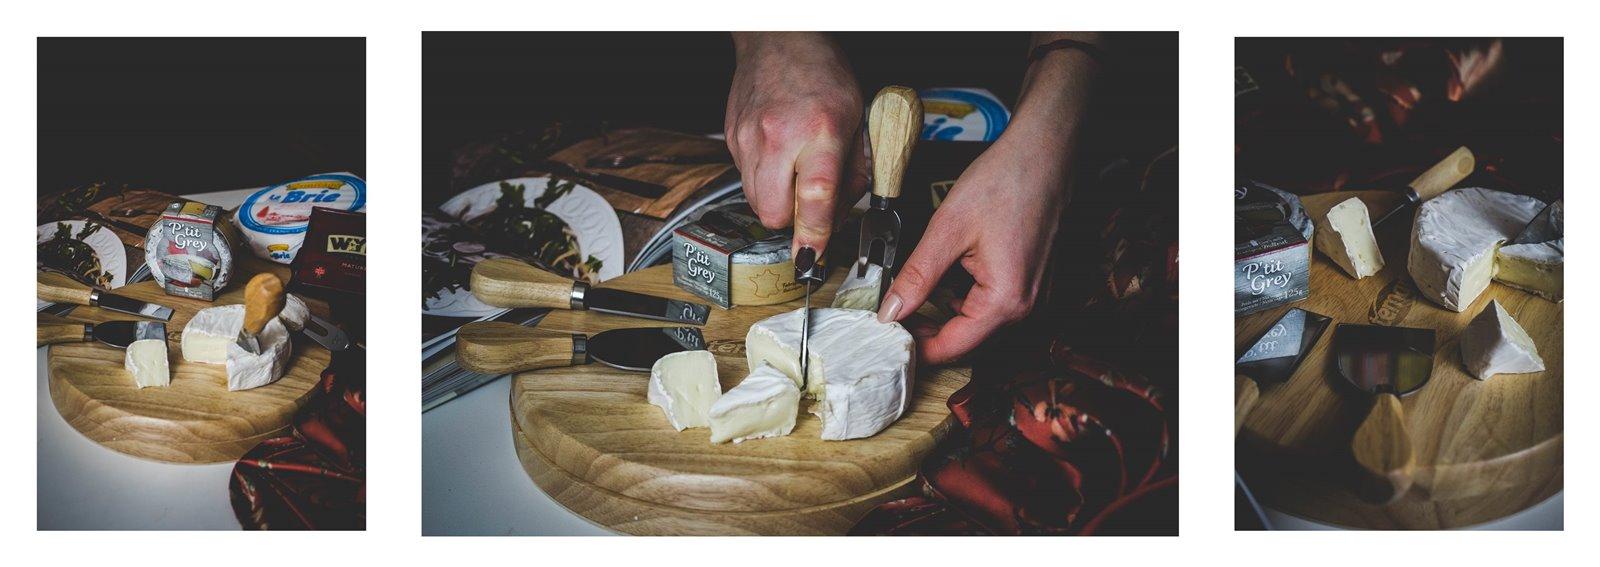 1 temar międzynarodowy dzień sera gdzie kupić dobry oryginalny ser francuski sery z pleśnią ciekawostki na temat serów cheedar, grecka feta prawdziwa kcal cena jakość opinie blog łódź